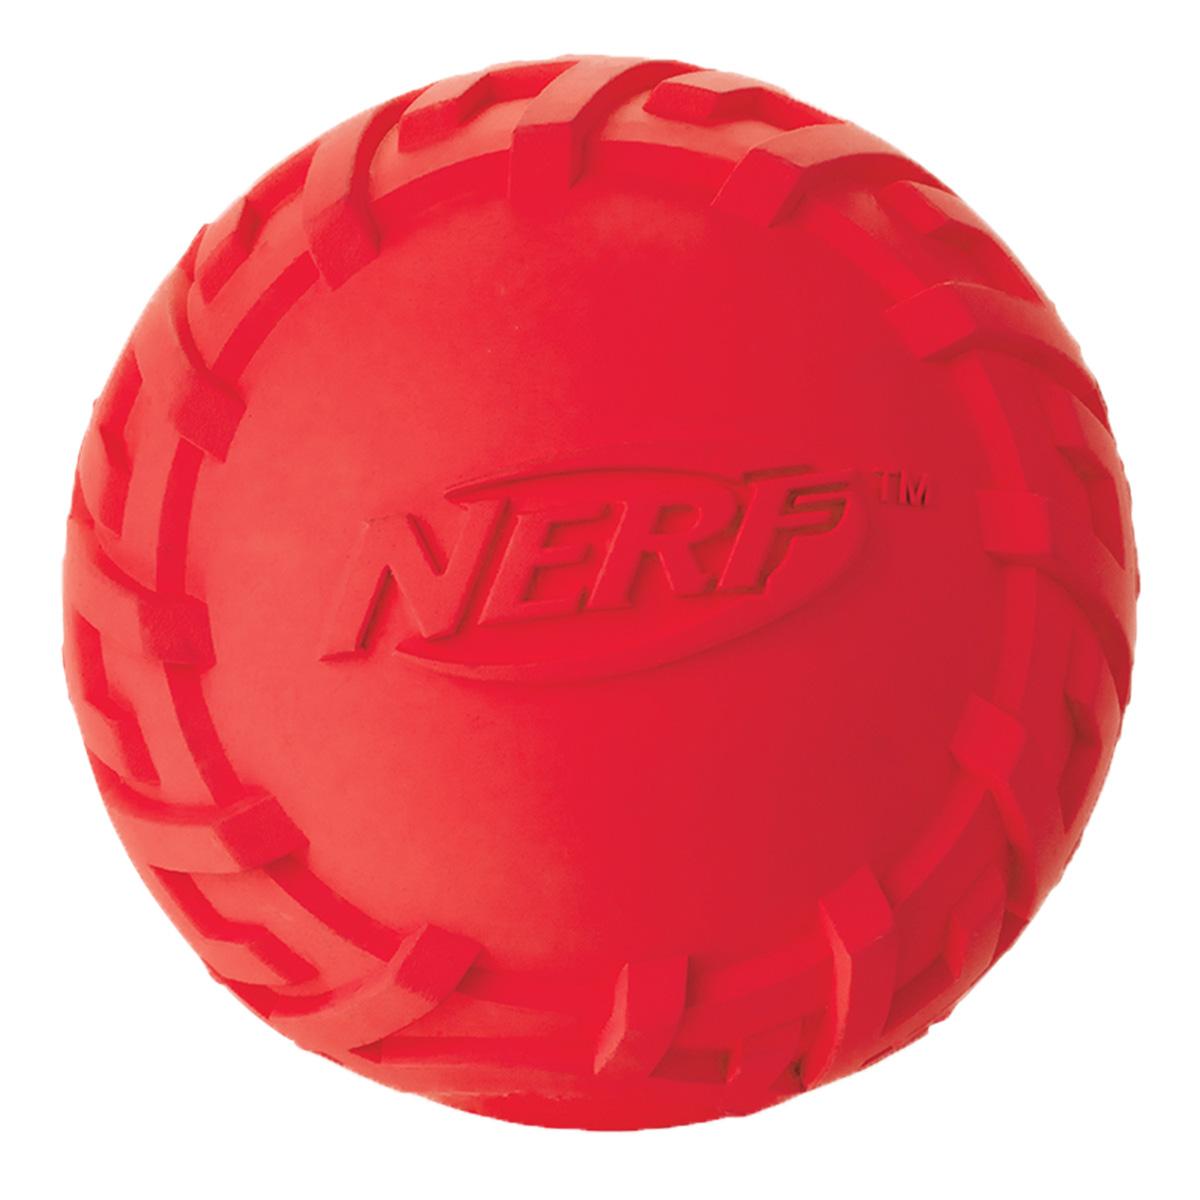 Игрушка для собак Nerf Мяч резиновый, с пищалкой, цвет: красный, диаметр 7,5 см игрушка для животных каскад мяч мина резиновый цвет красный 10 см